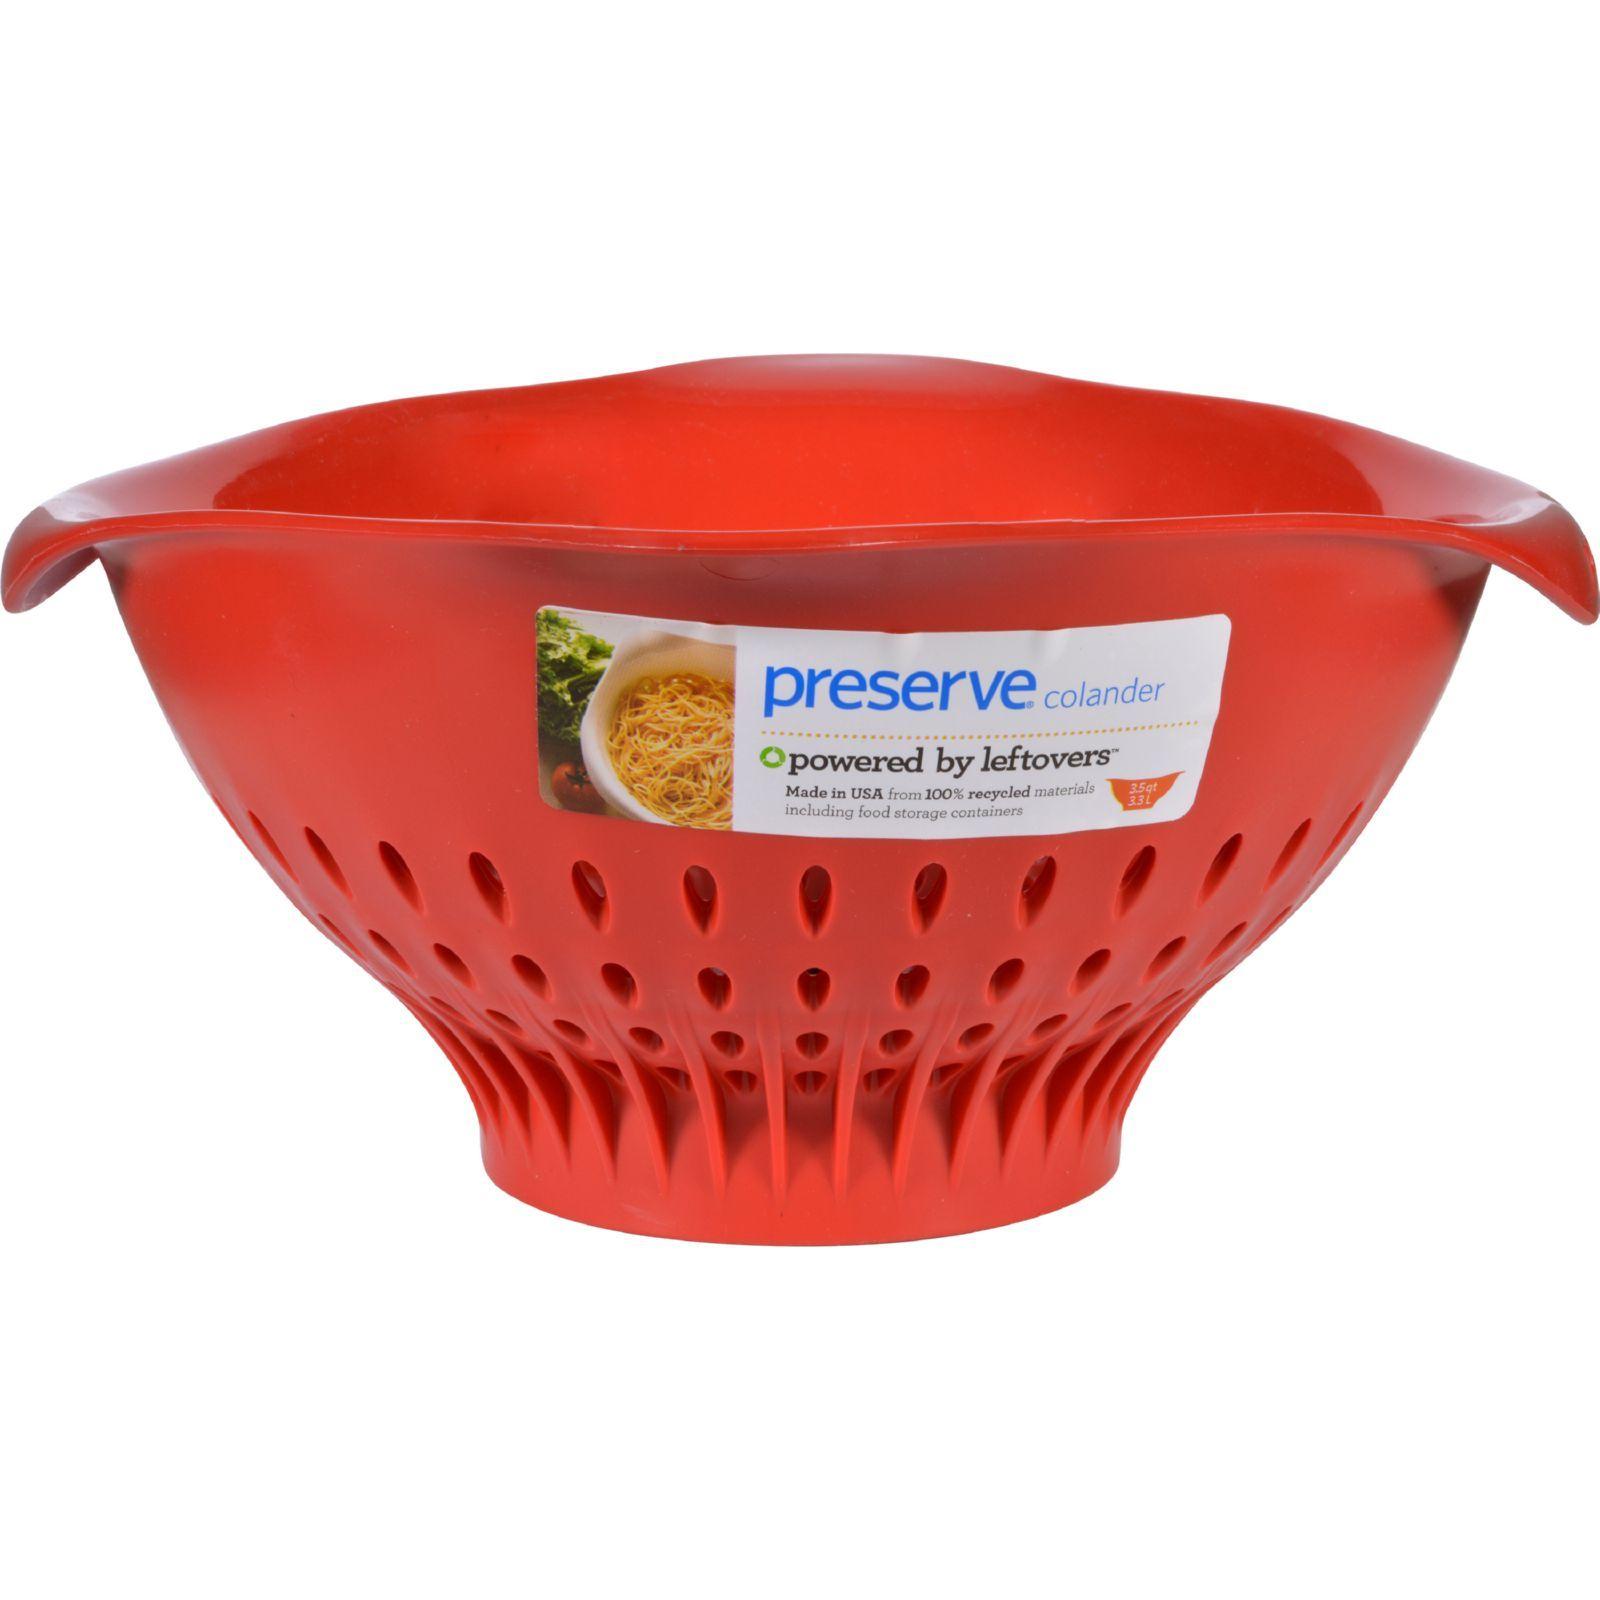 Preserve Large Colander - Red - 3.5 qt